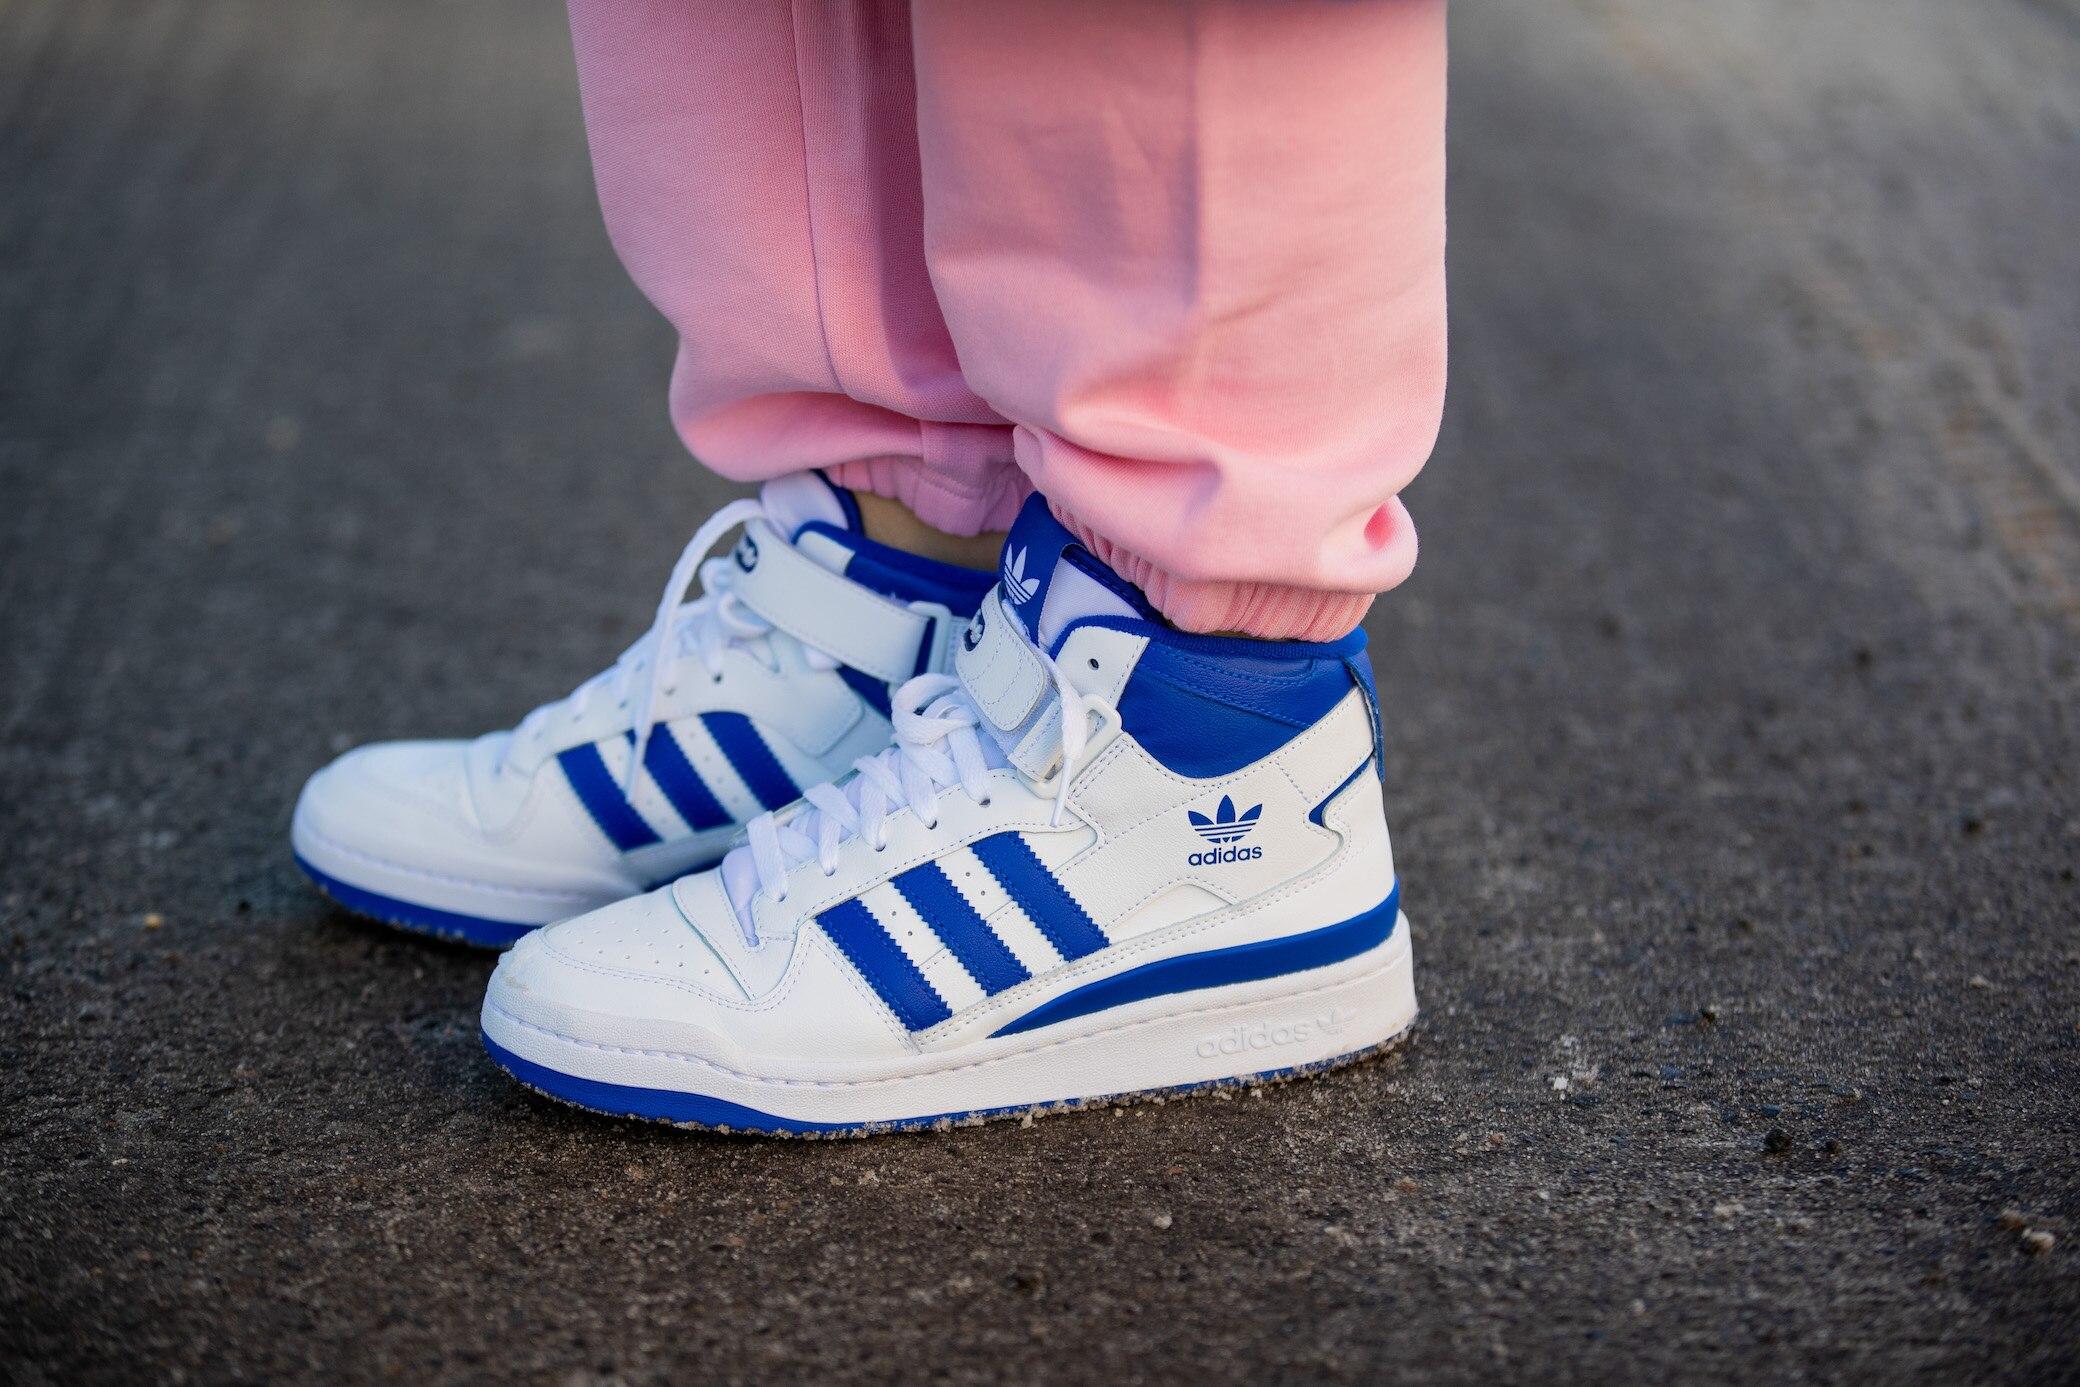 Das Adidas-Logo und die Bedeutung der drei Streifen